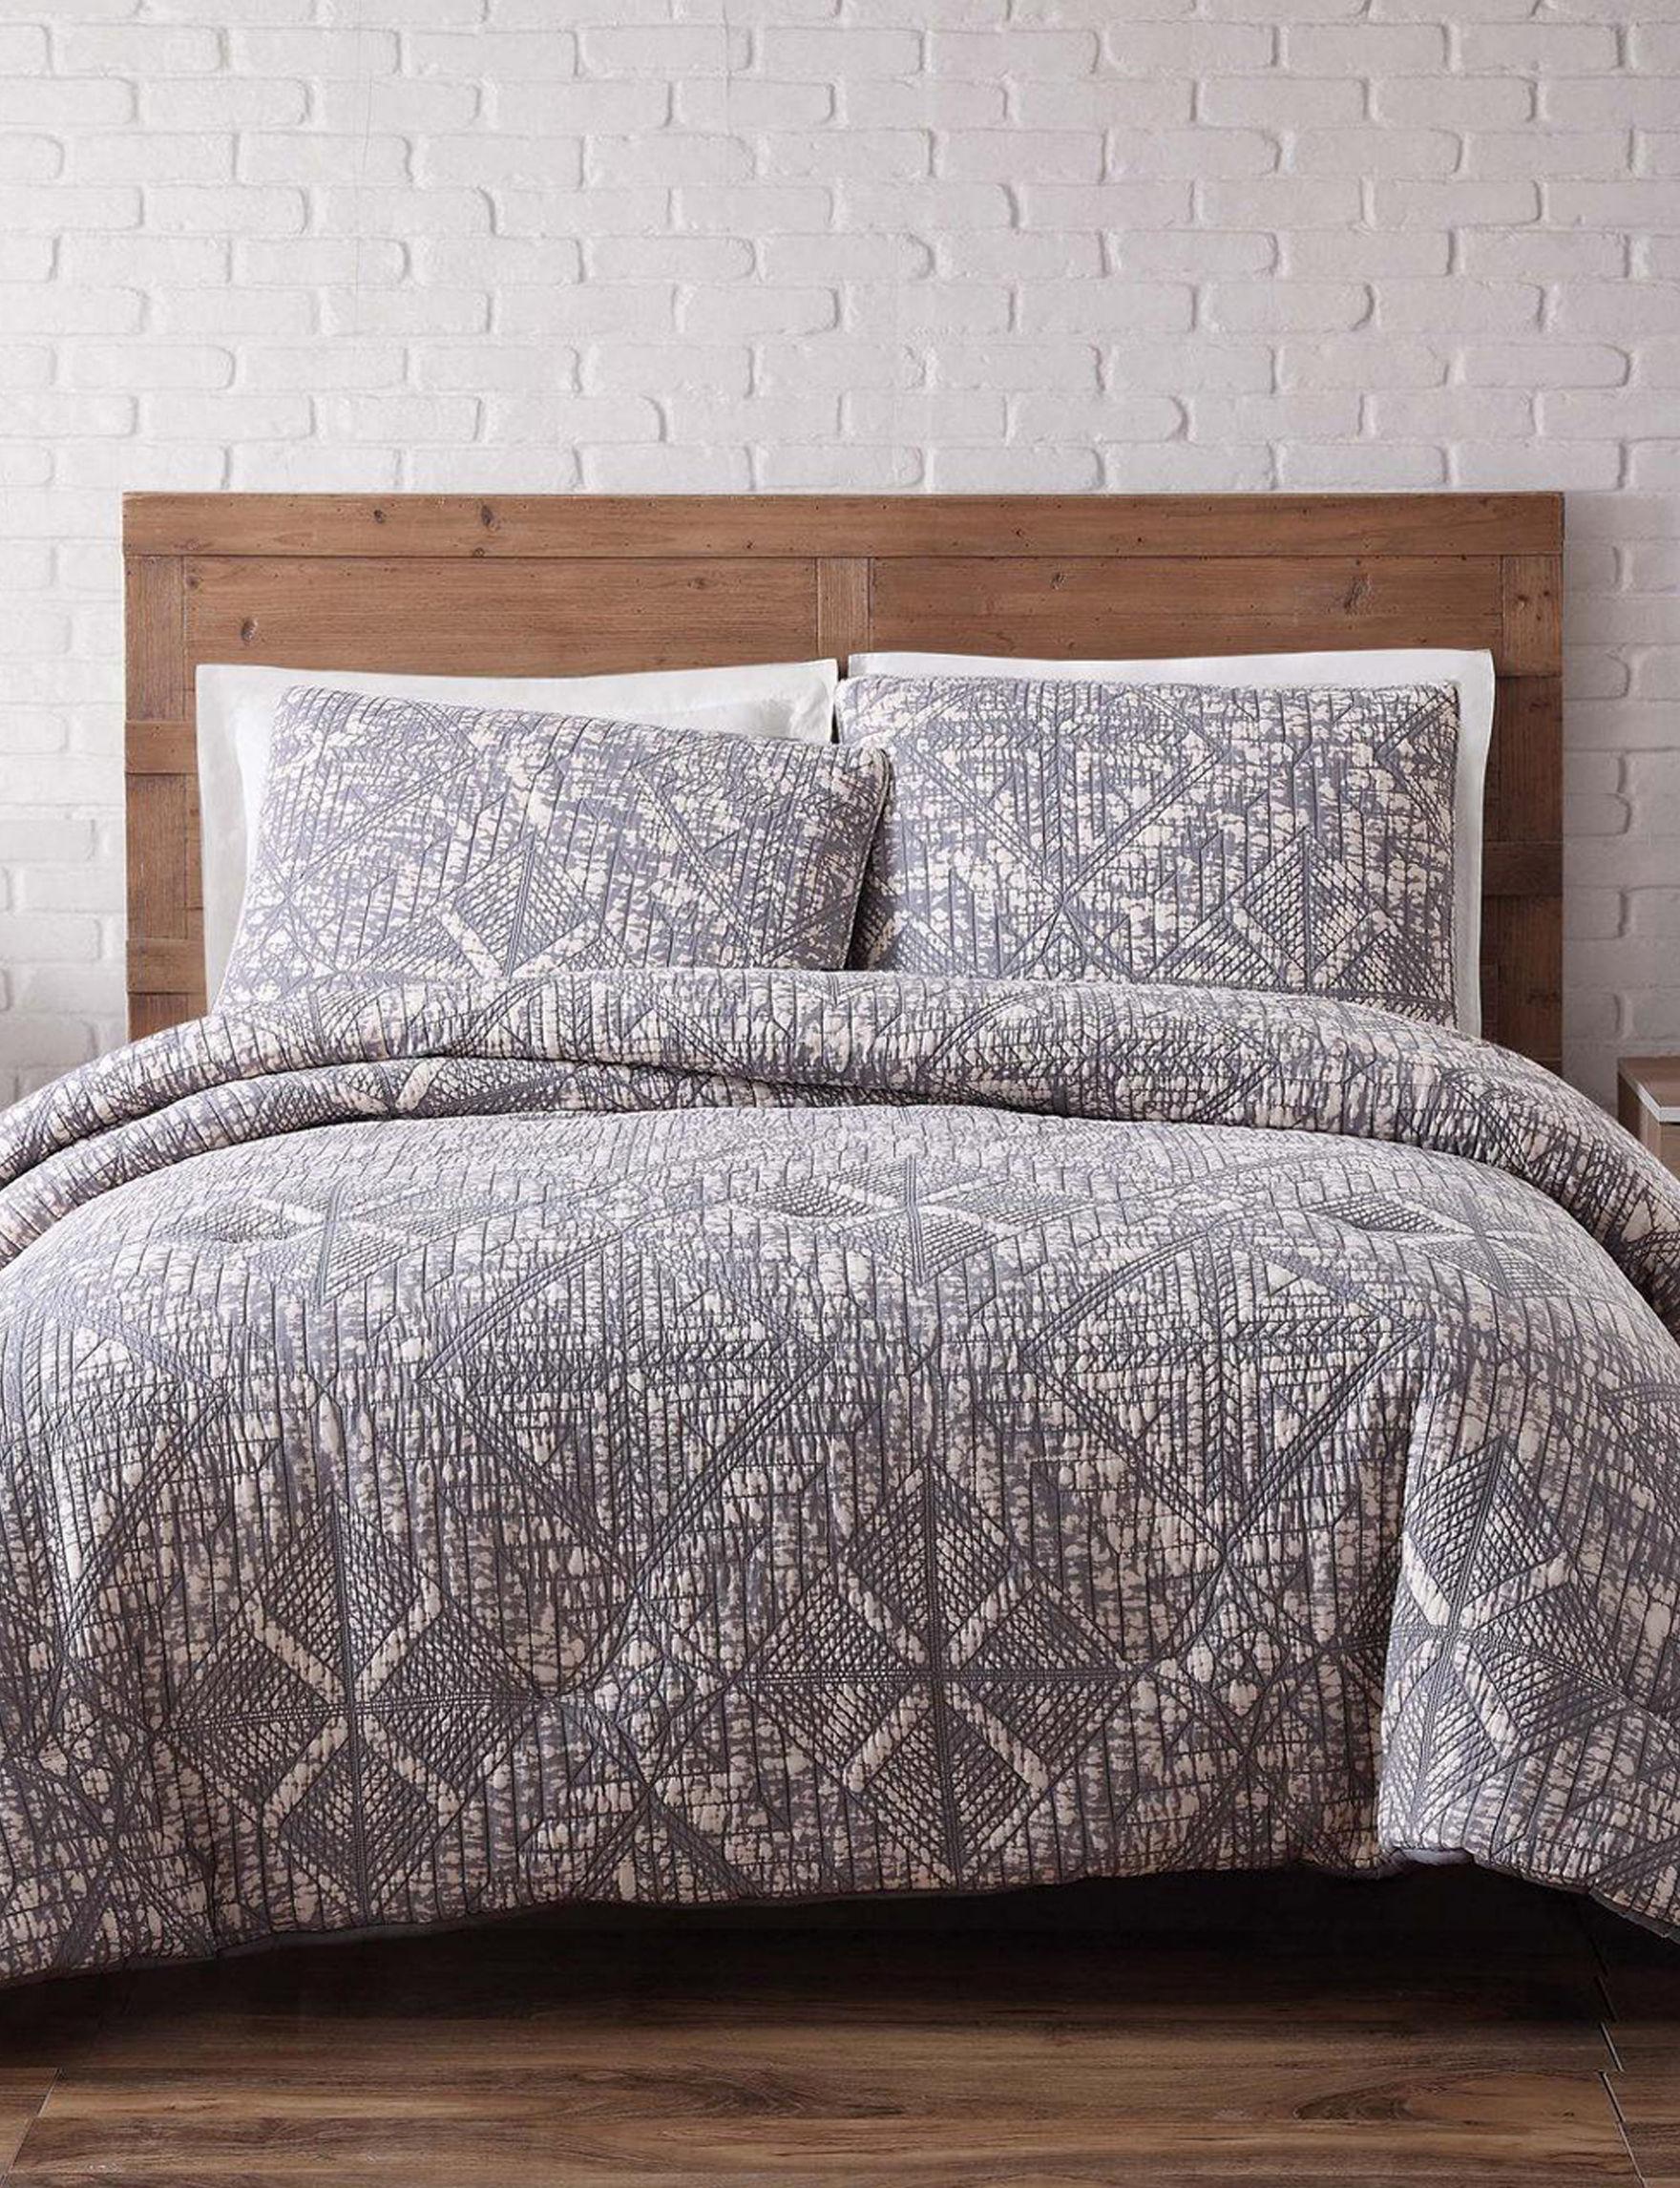 Brooklyn Loom Grey Duvet Duvets & Duvet Sets